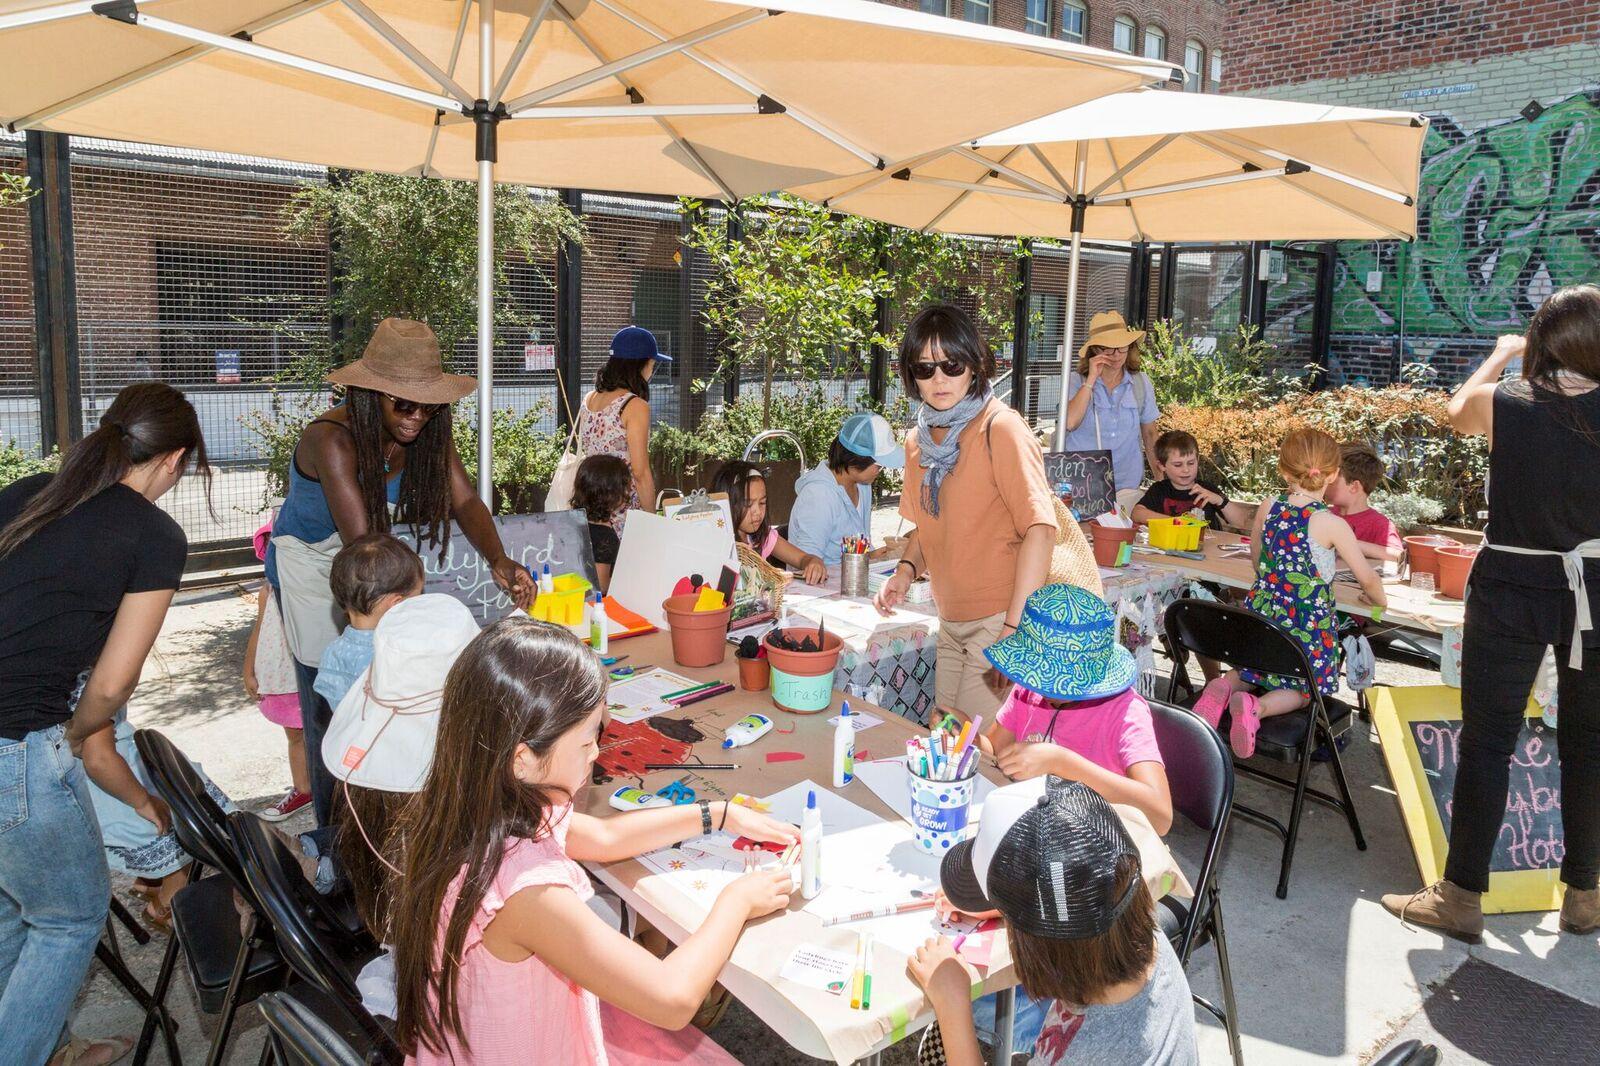 Family Garden Workshop, Hauser & Wirth Los Angeles, 20 August 2017 Courtesy Hauser & Wirth. Photo: Noé Montes